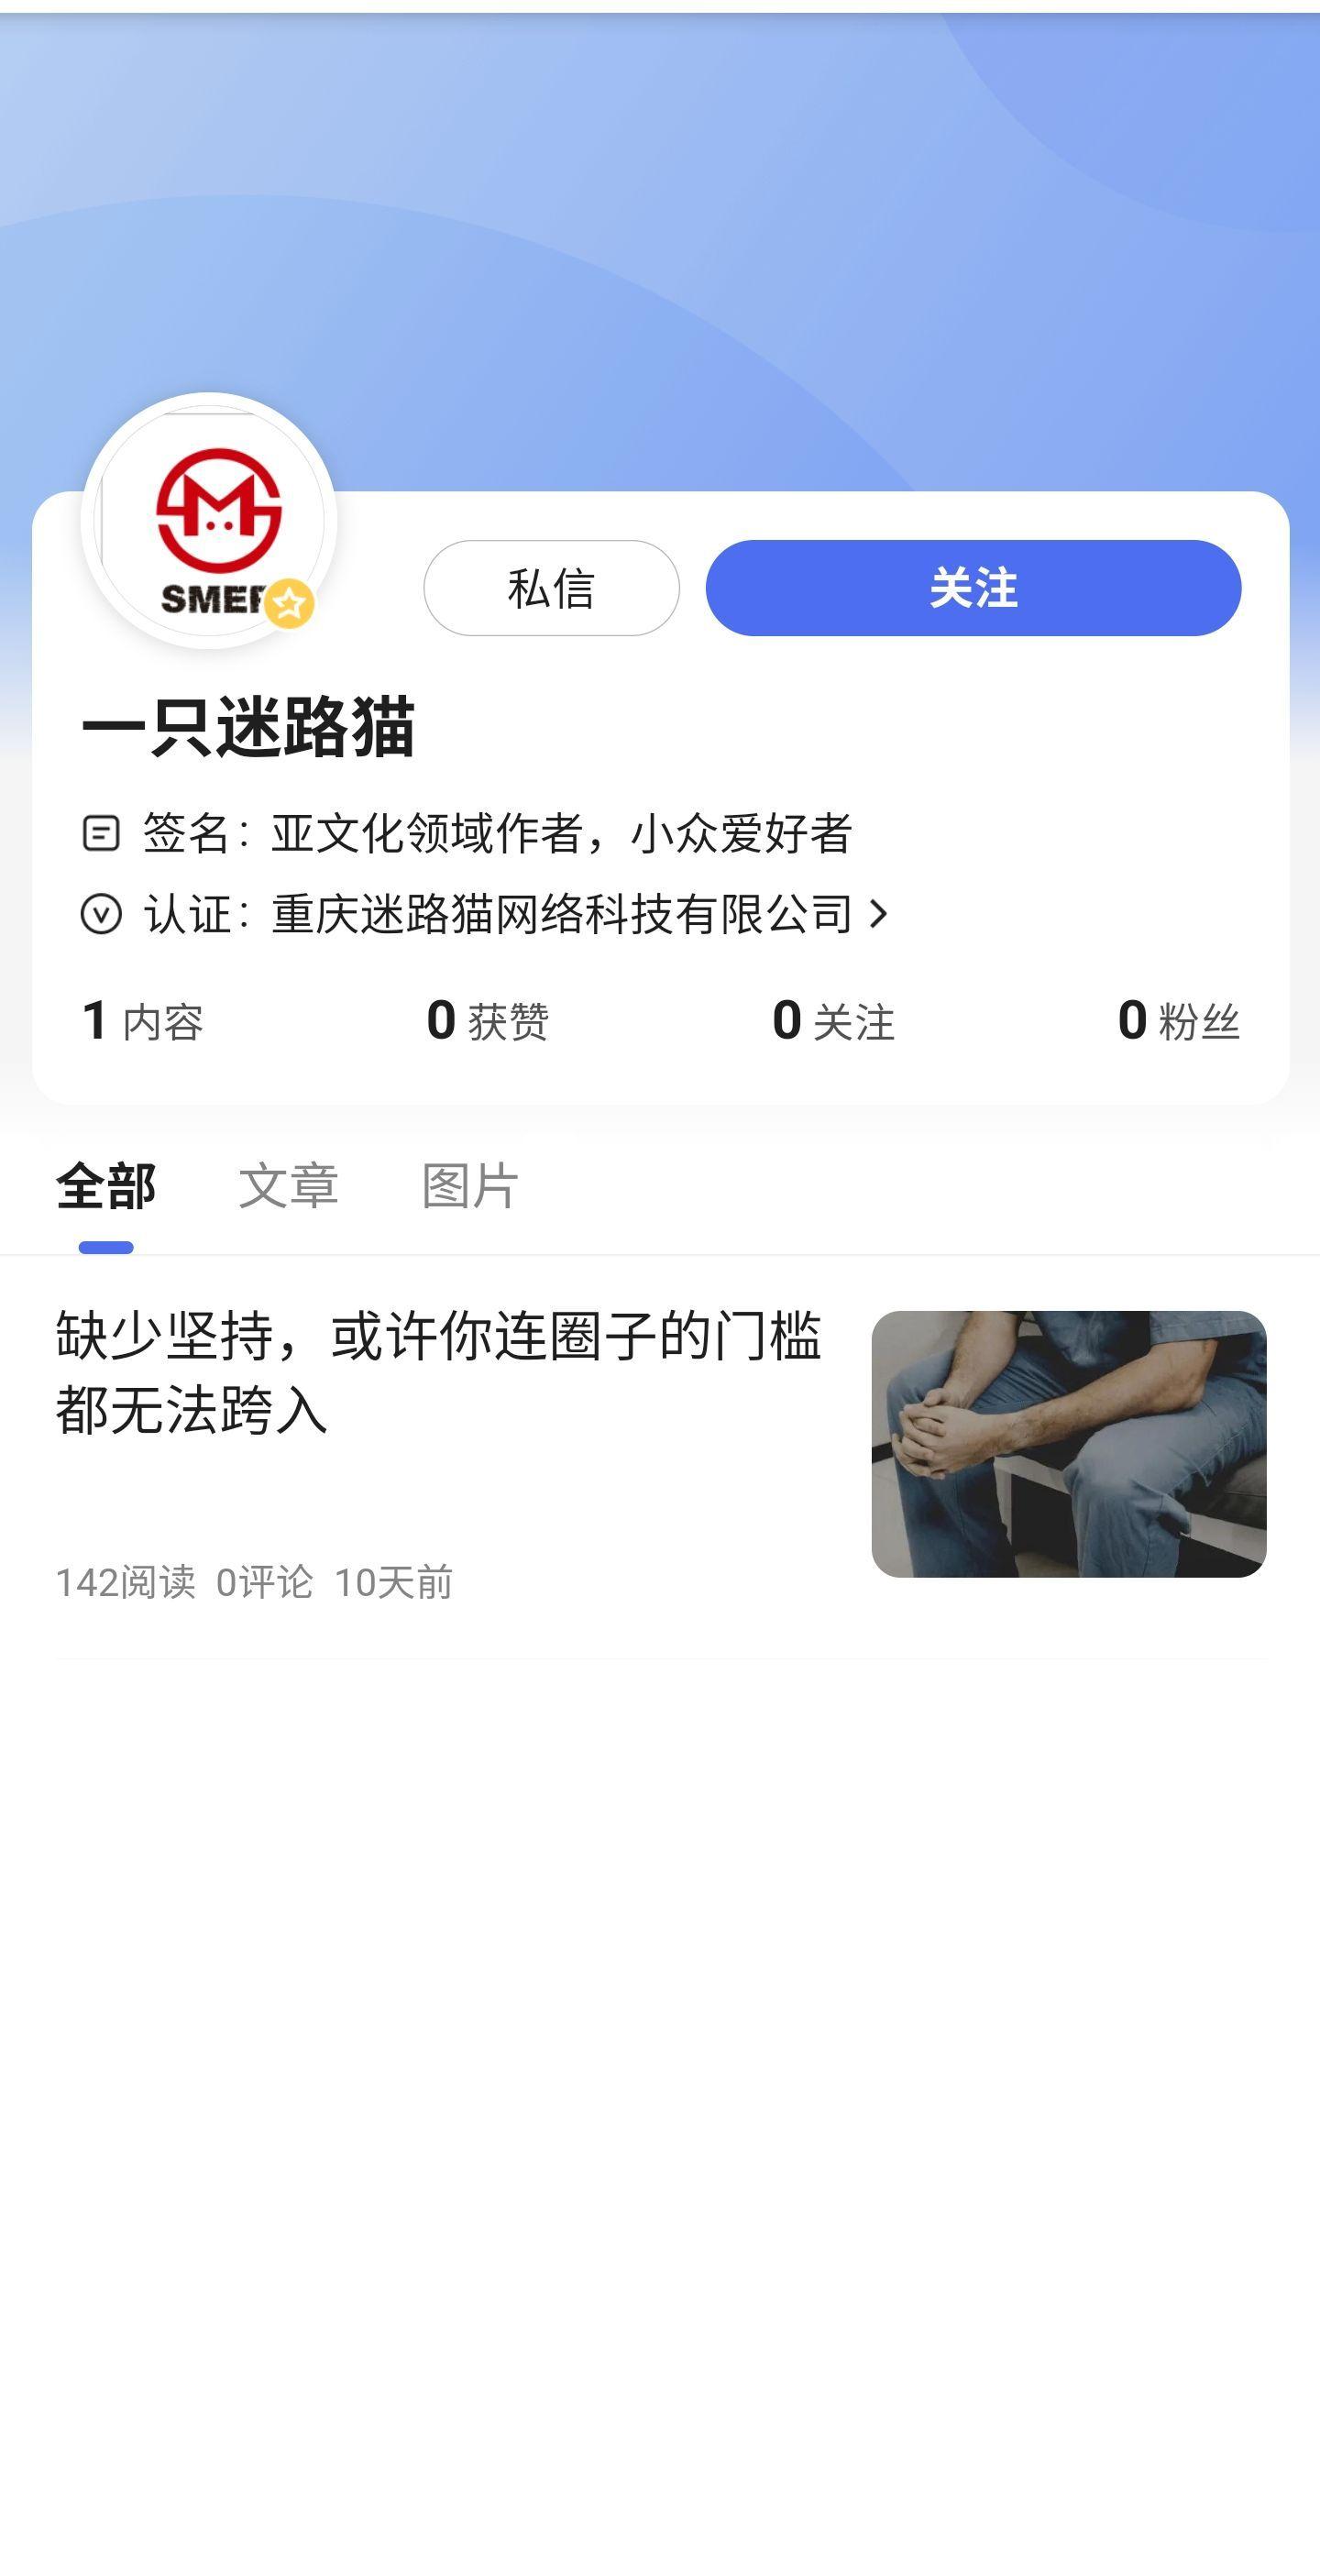 重庆迷路猫网络科技有限公司实属山寨尸王